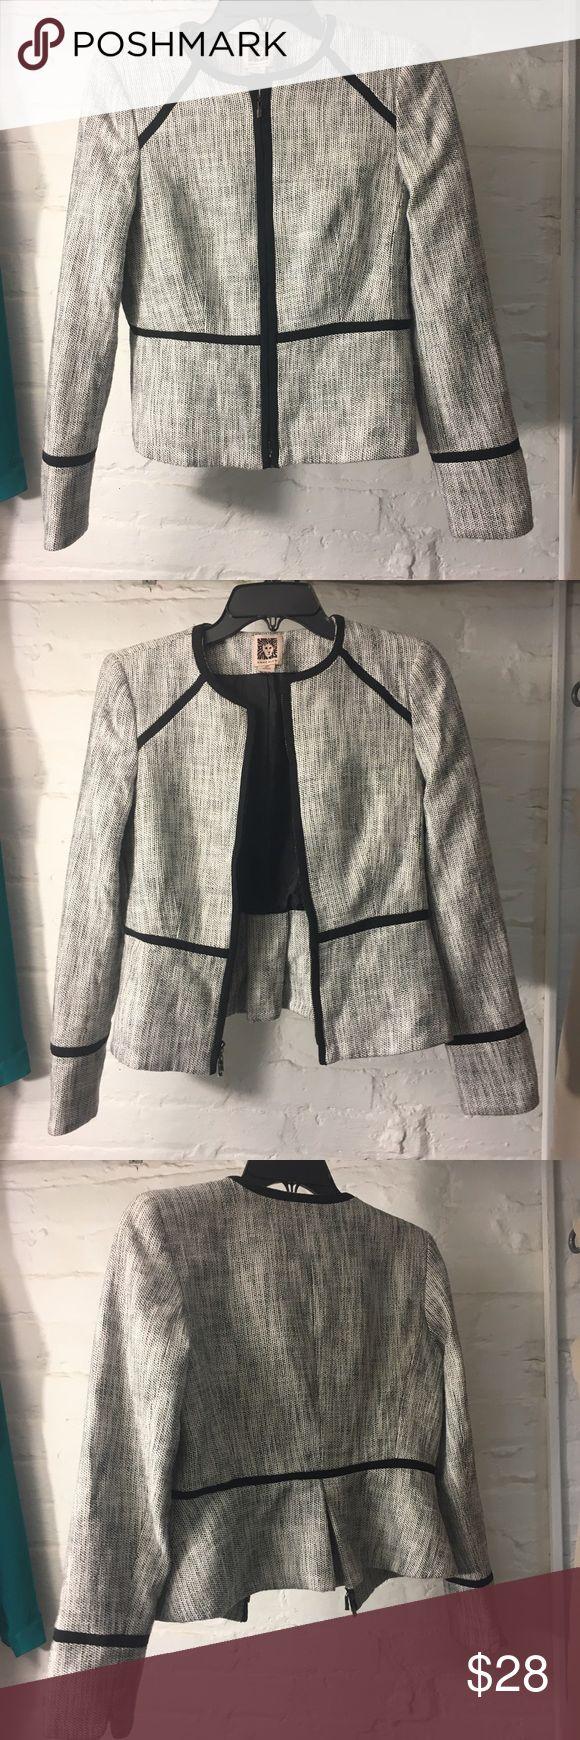 New Anne Klein Gray Tweed Blazer Black Trim 2p New Anne Klein blazer Jacket size 2p. Zippers still have protective covering. Perfect for work. Anne Klein Jackets & Coats Blazers